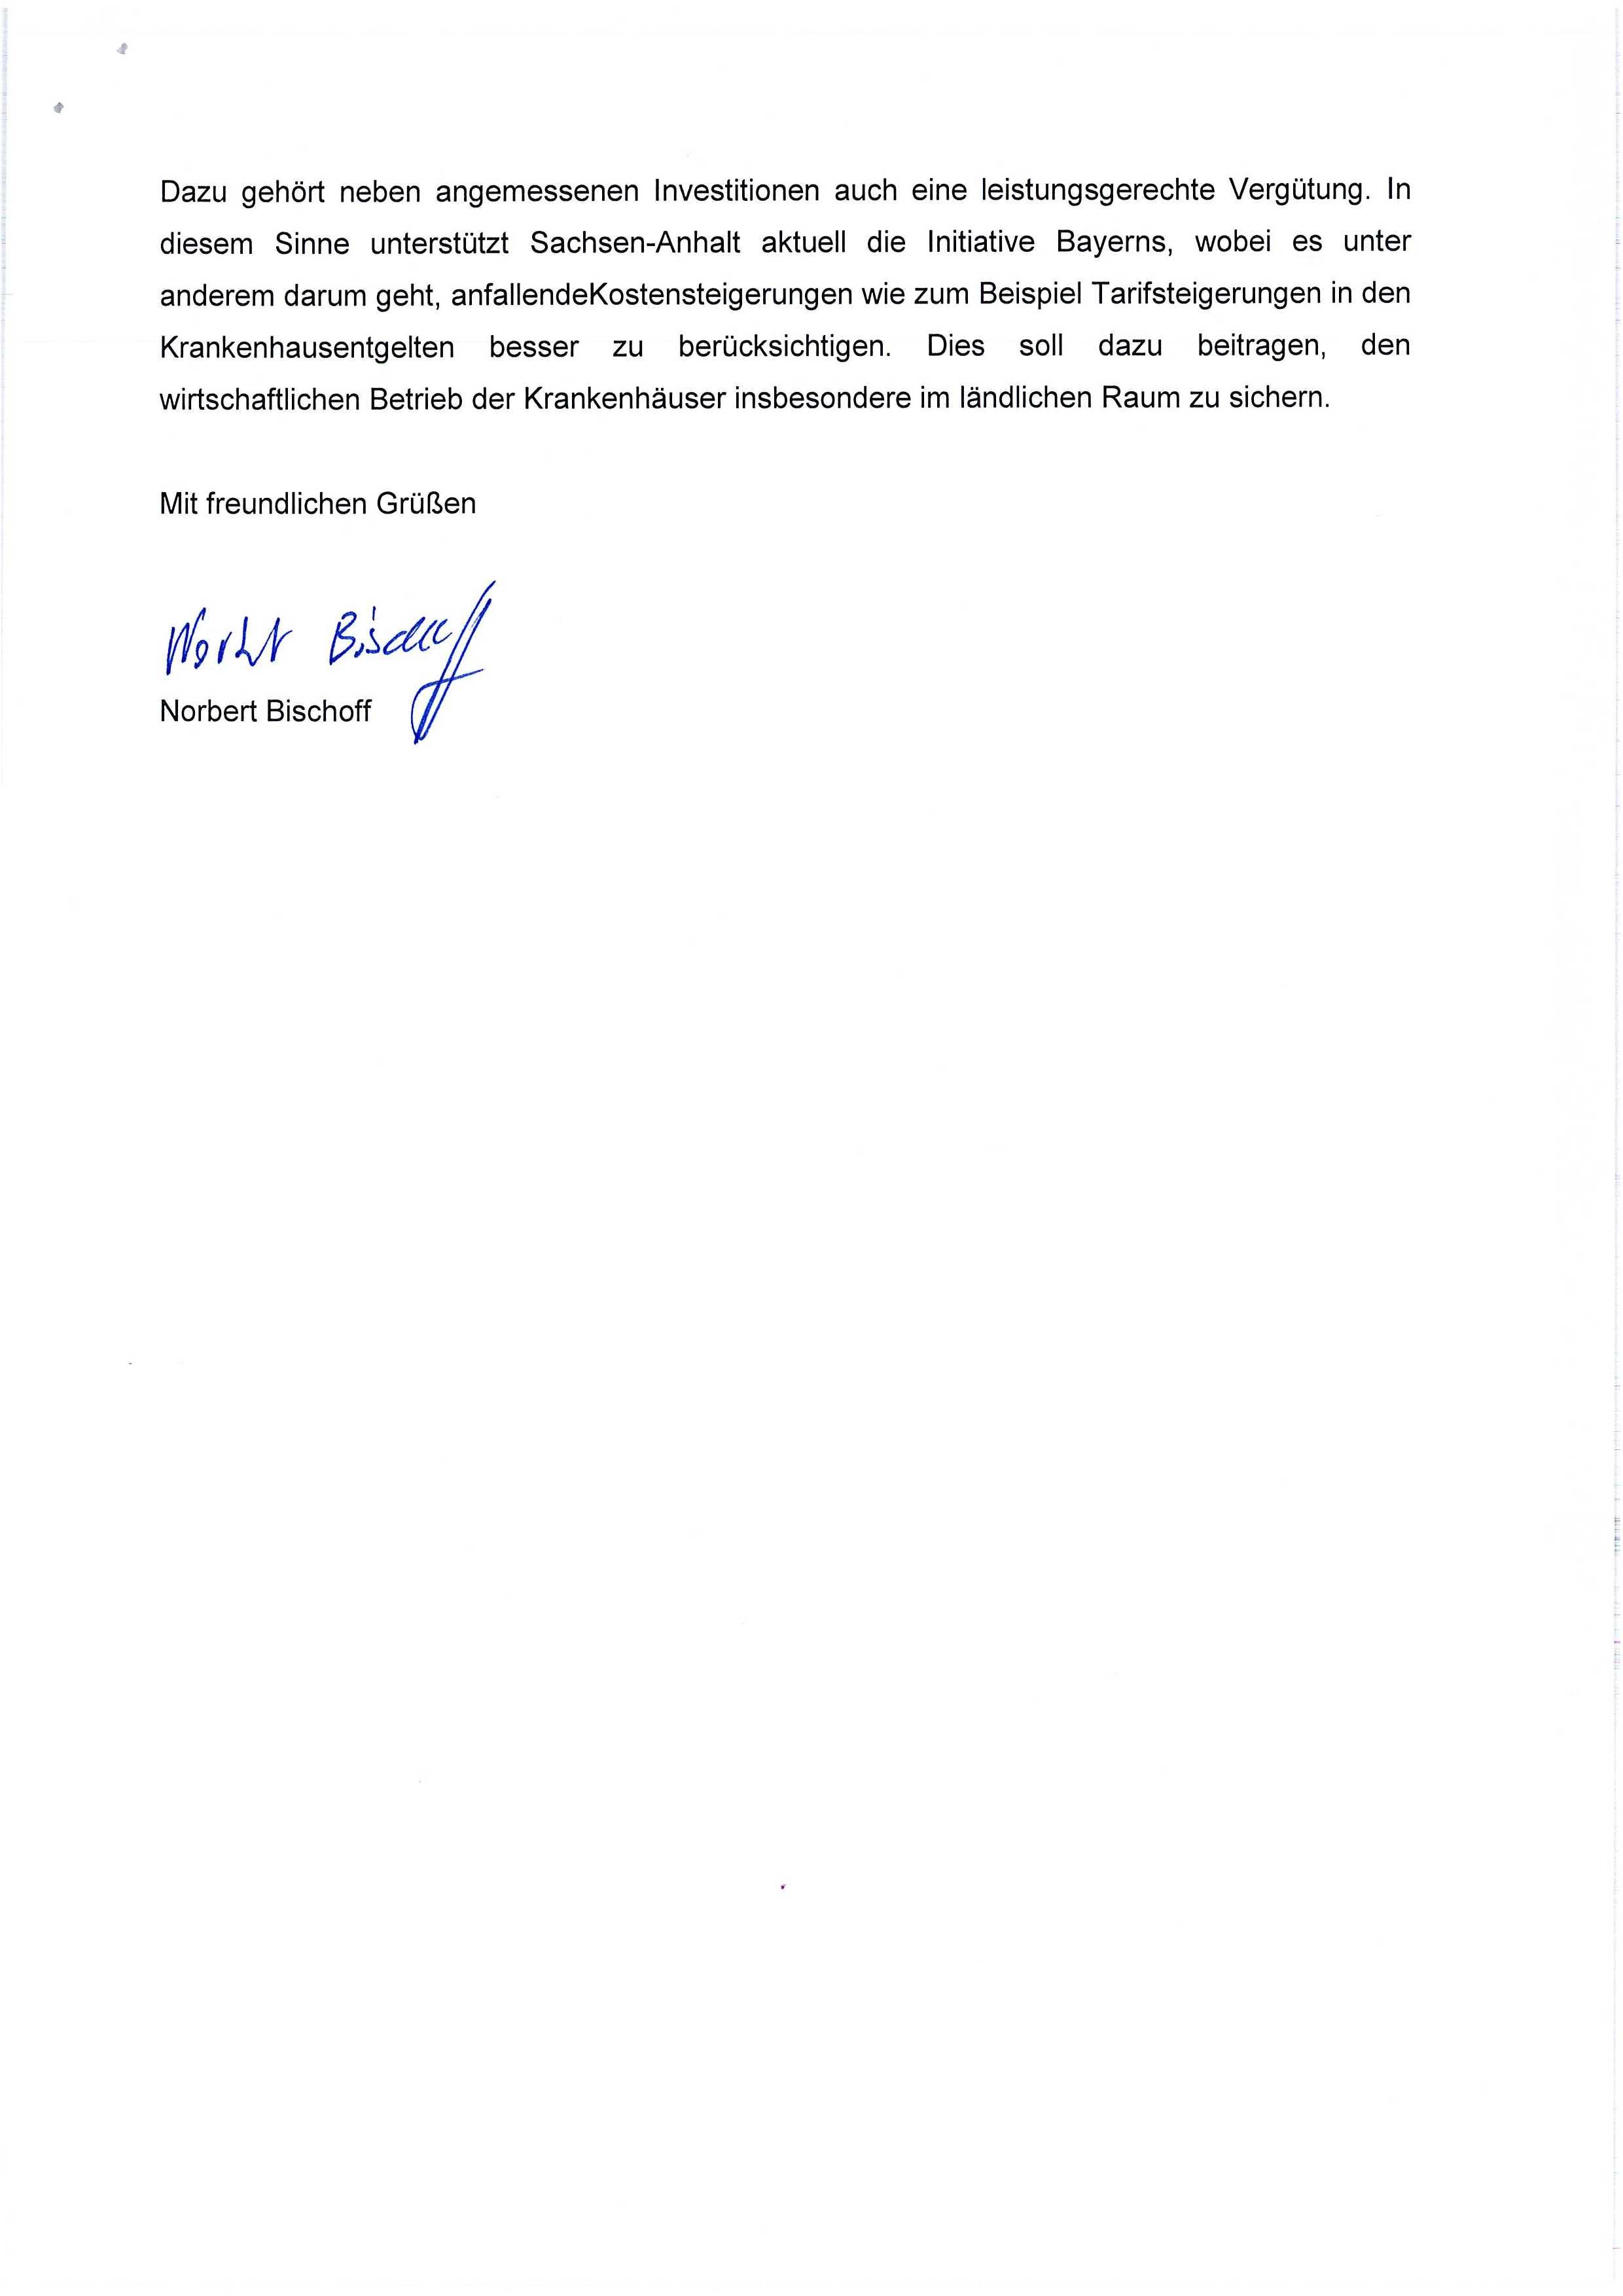 Antwortschreiben Minister Bischoff